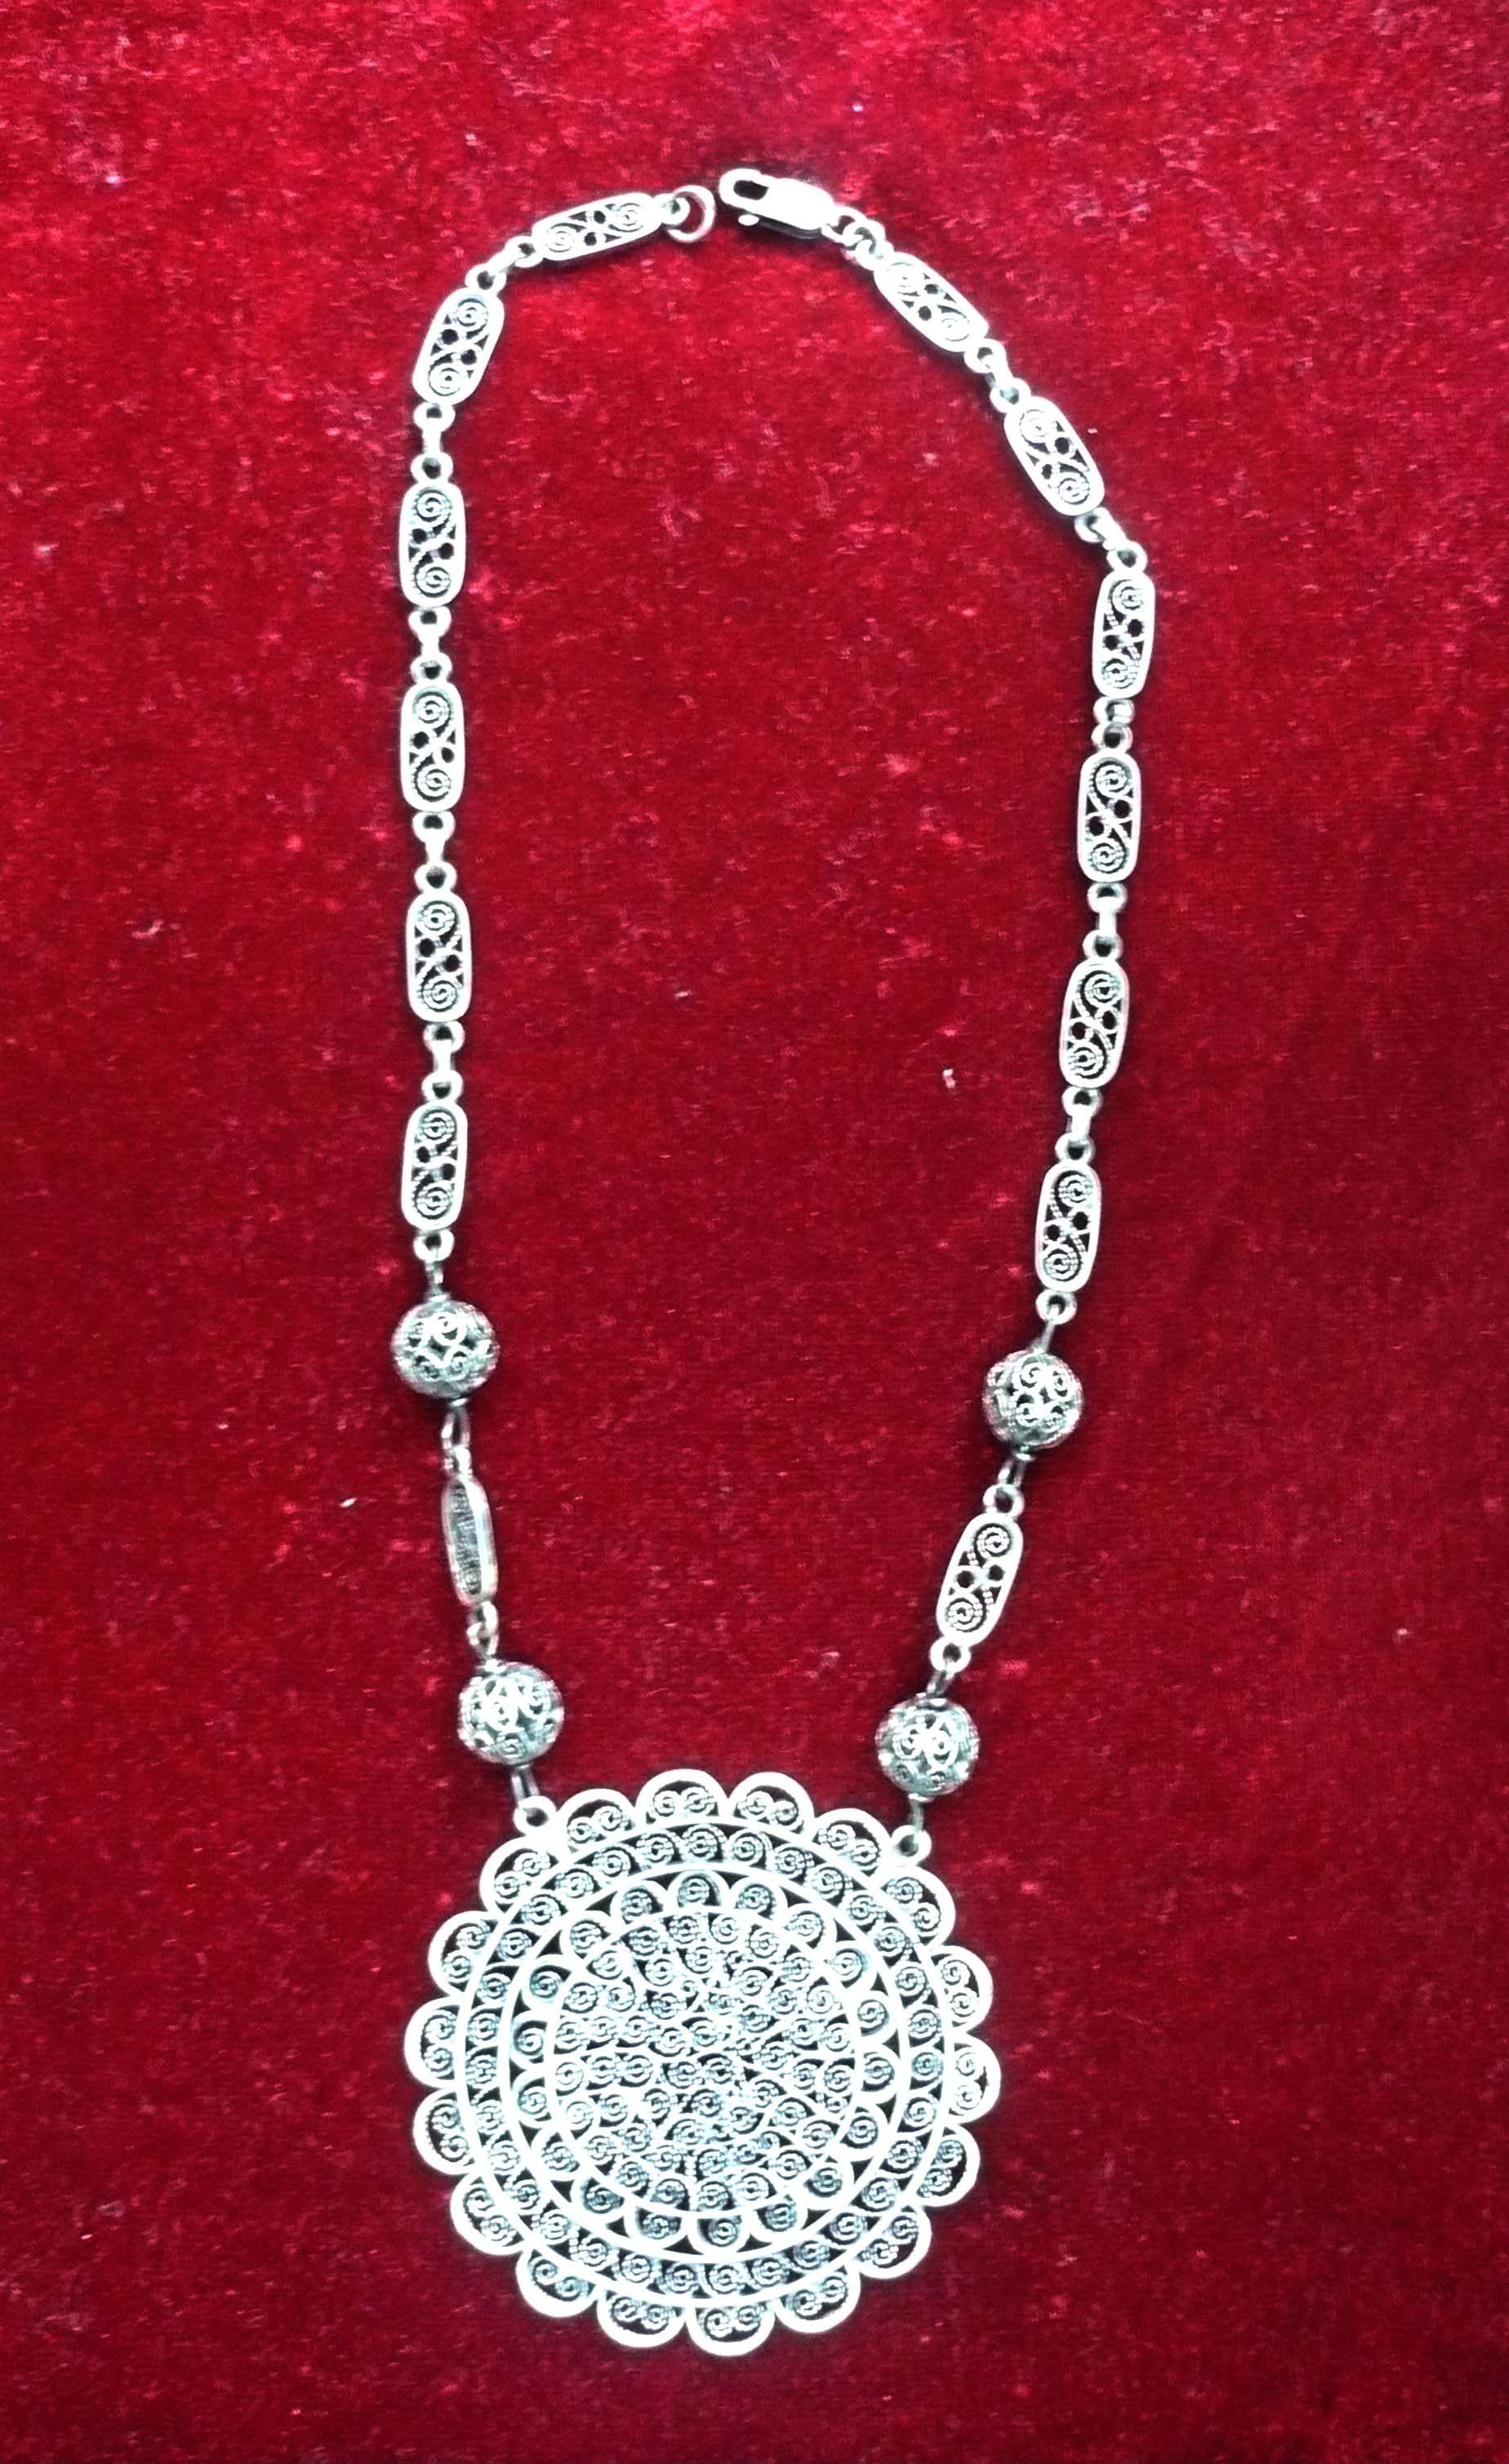 461112121a81 Collar de filigrana de plata diseñada por el artista oaxaqueño José Jorge  García.   Sterling filigree necklace designed by José Jorge García